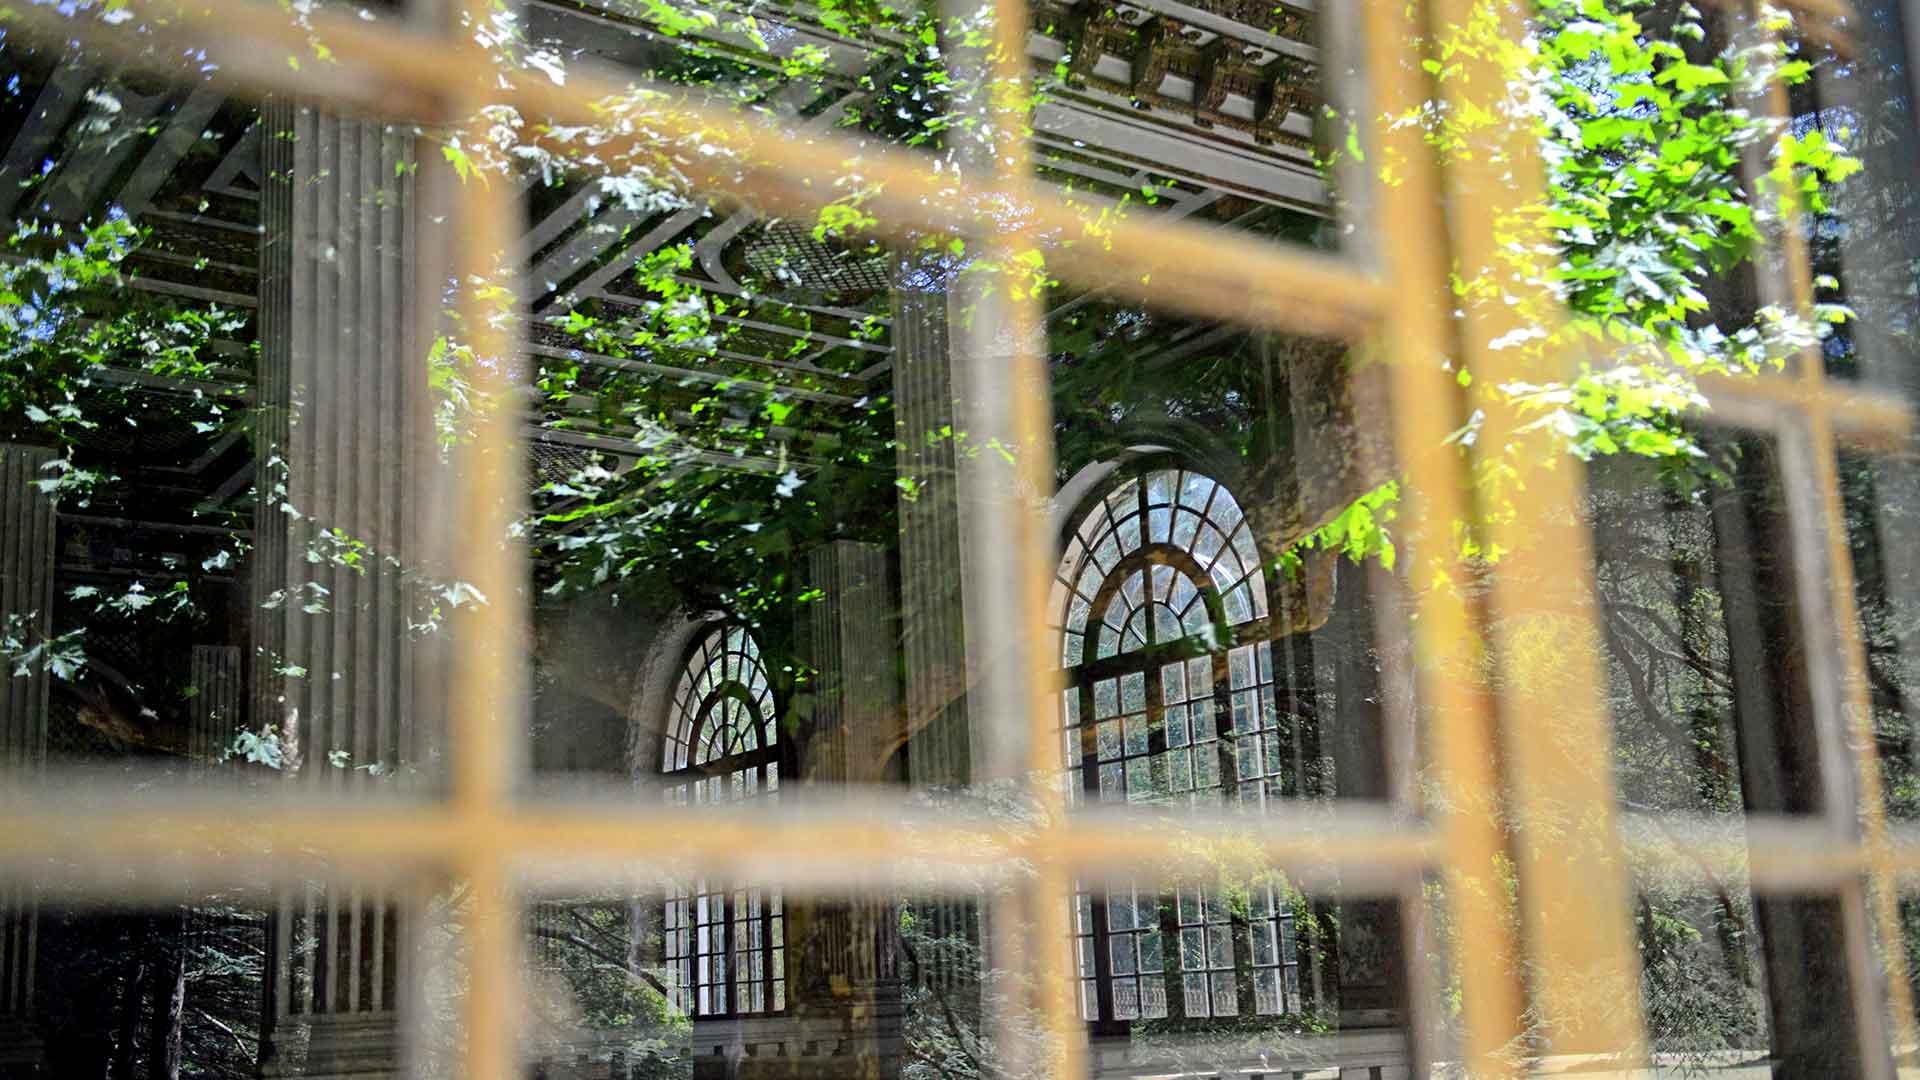 Vue sur le plafond doré et les fenêtres en forme d'arche de l'Auberge des Dauphins.